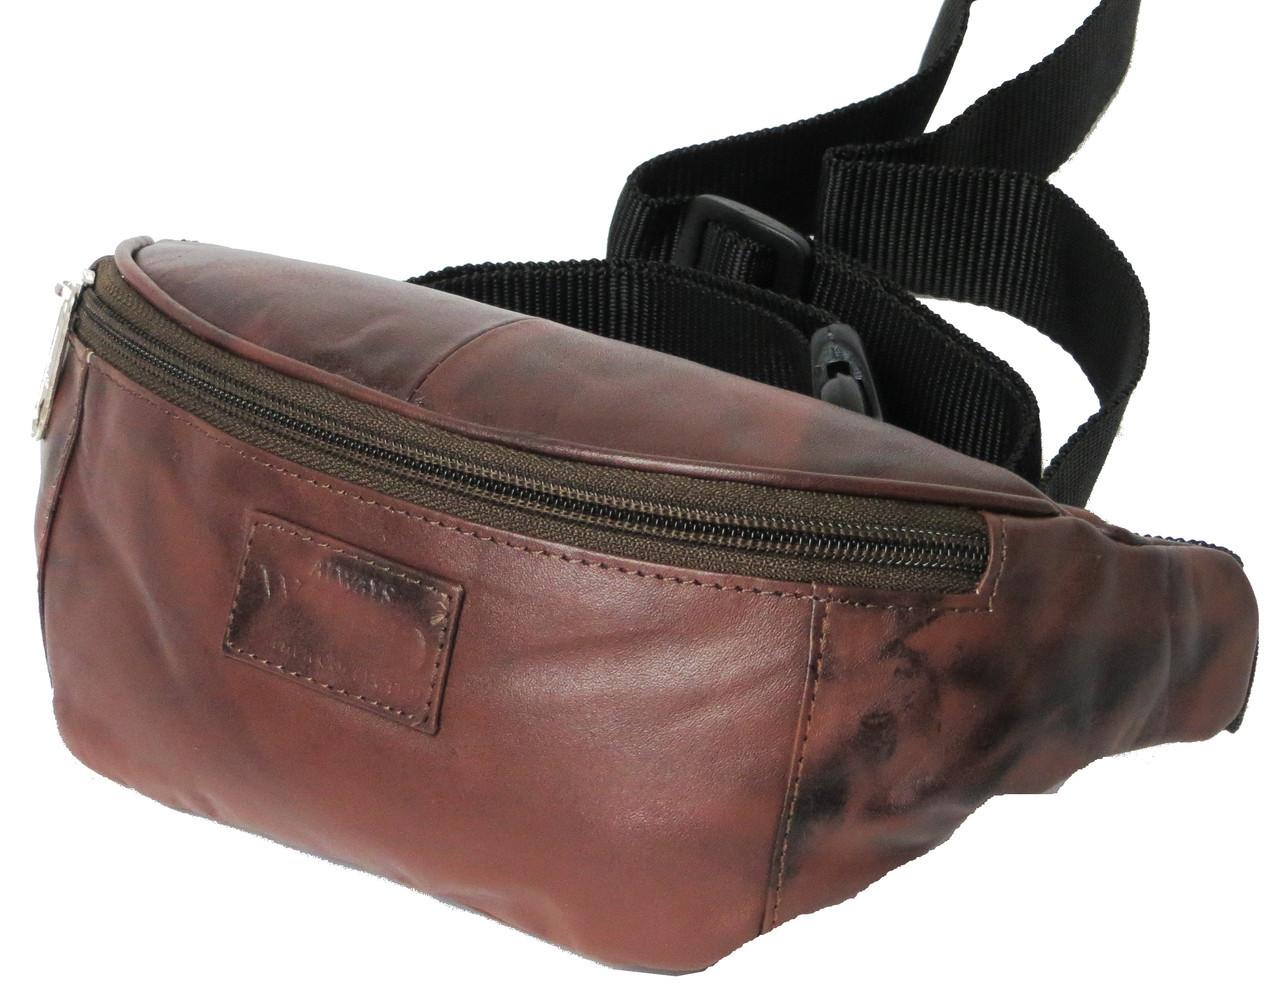 Качественная поясная сумка из кожи Always Wild 907-TT brown – купить ... 5391a326a40